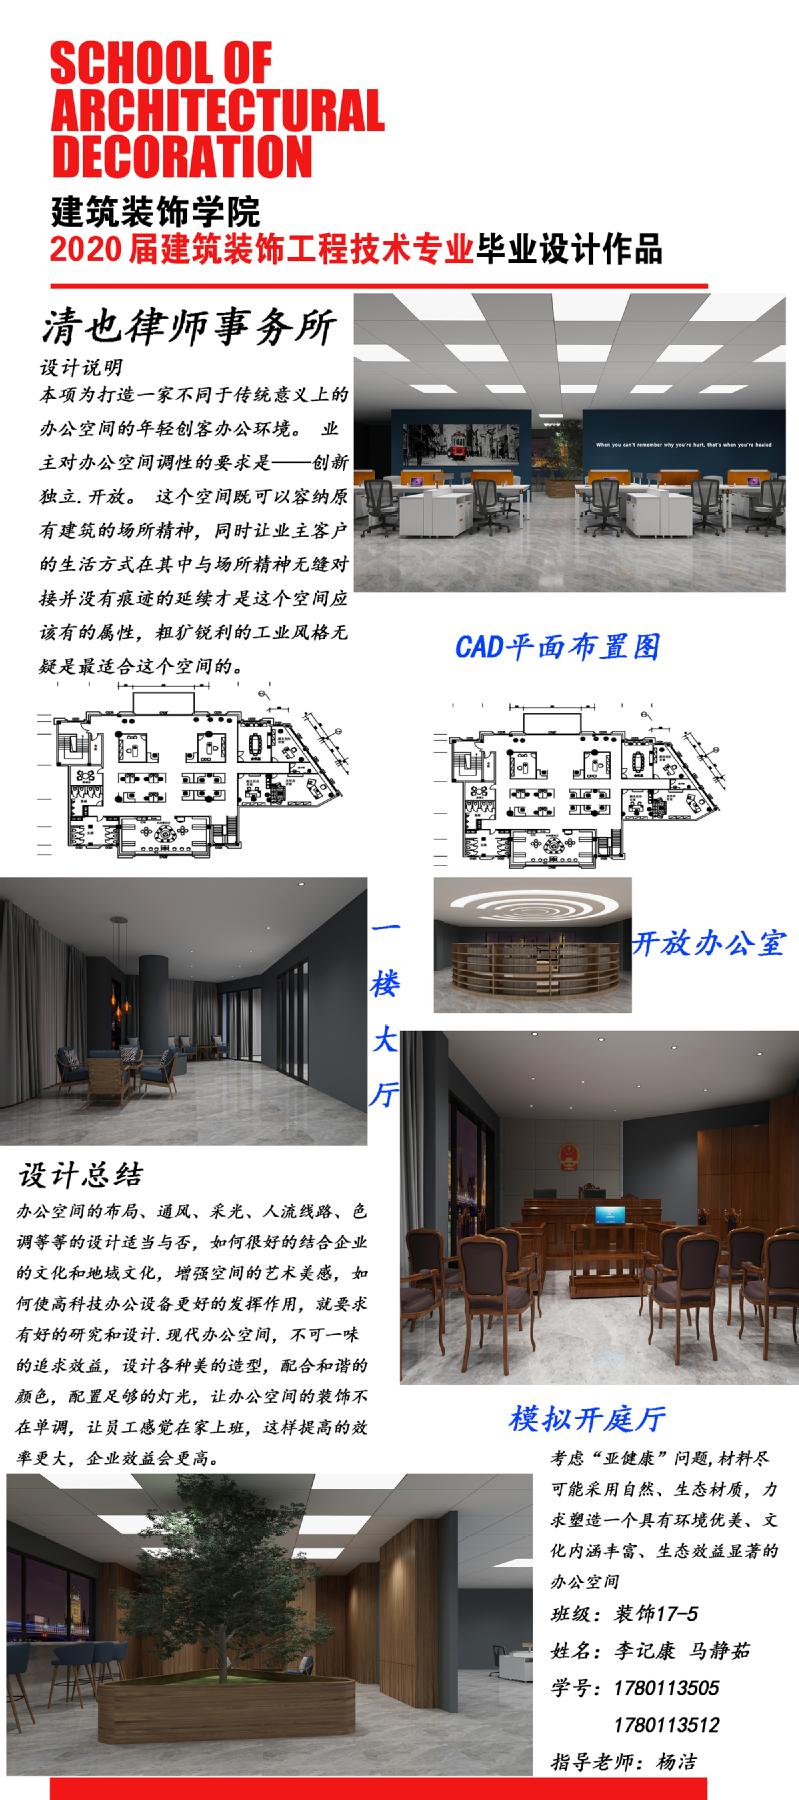 江苏省徐州建筑学院_建筑装饰工程技术专业